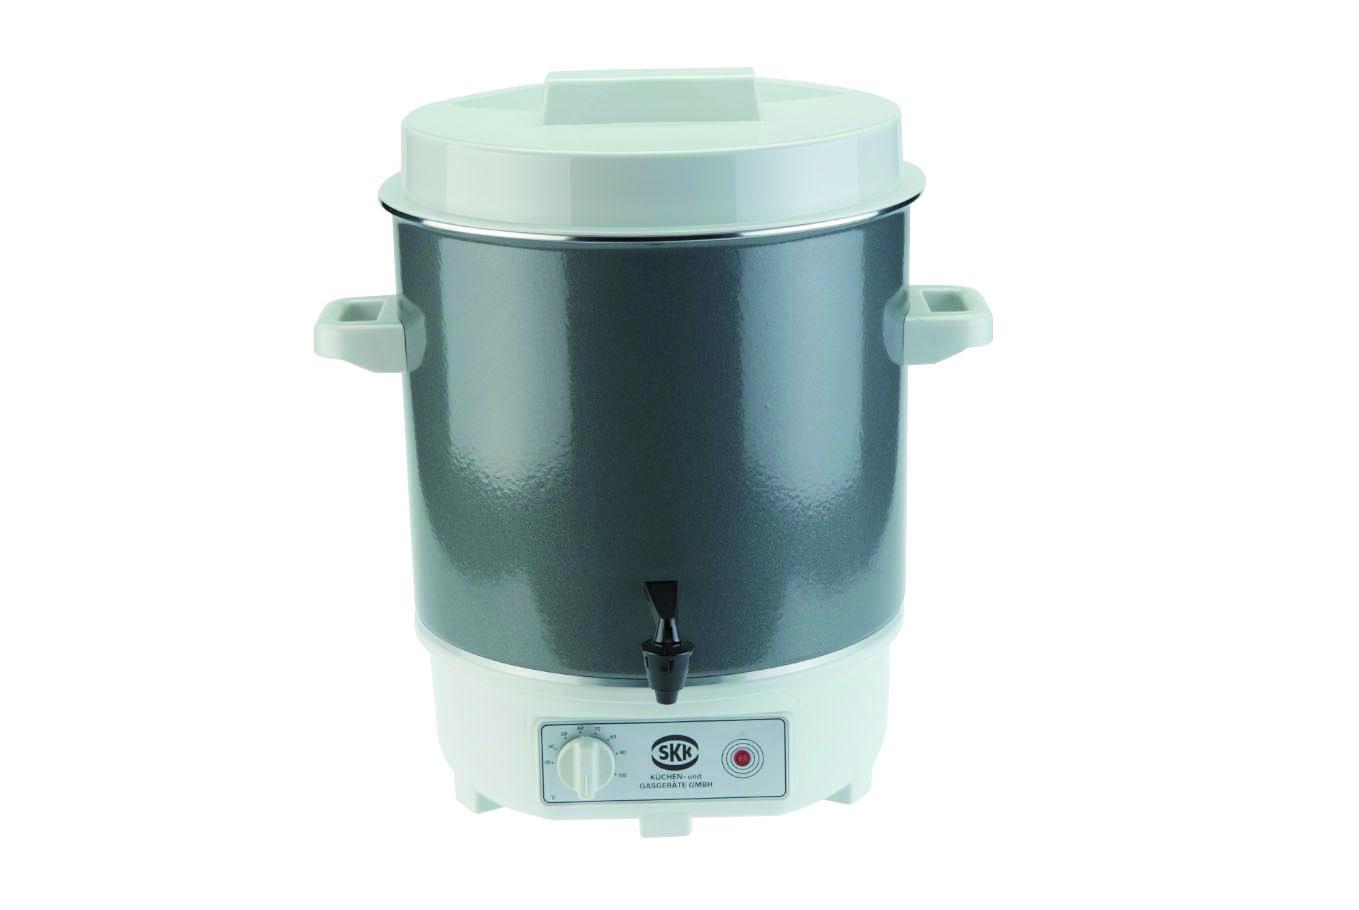 SKK profesionální hrnec na svařené víno či polévku 350/420 mm 28 litrů